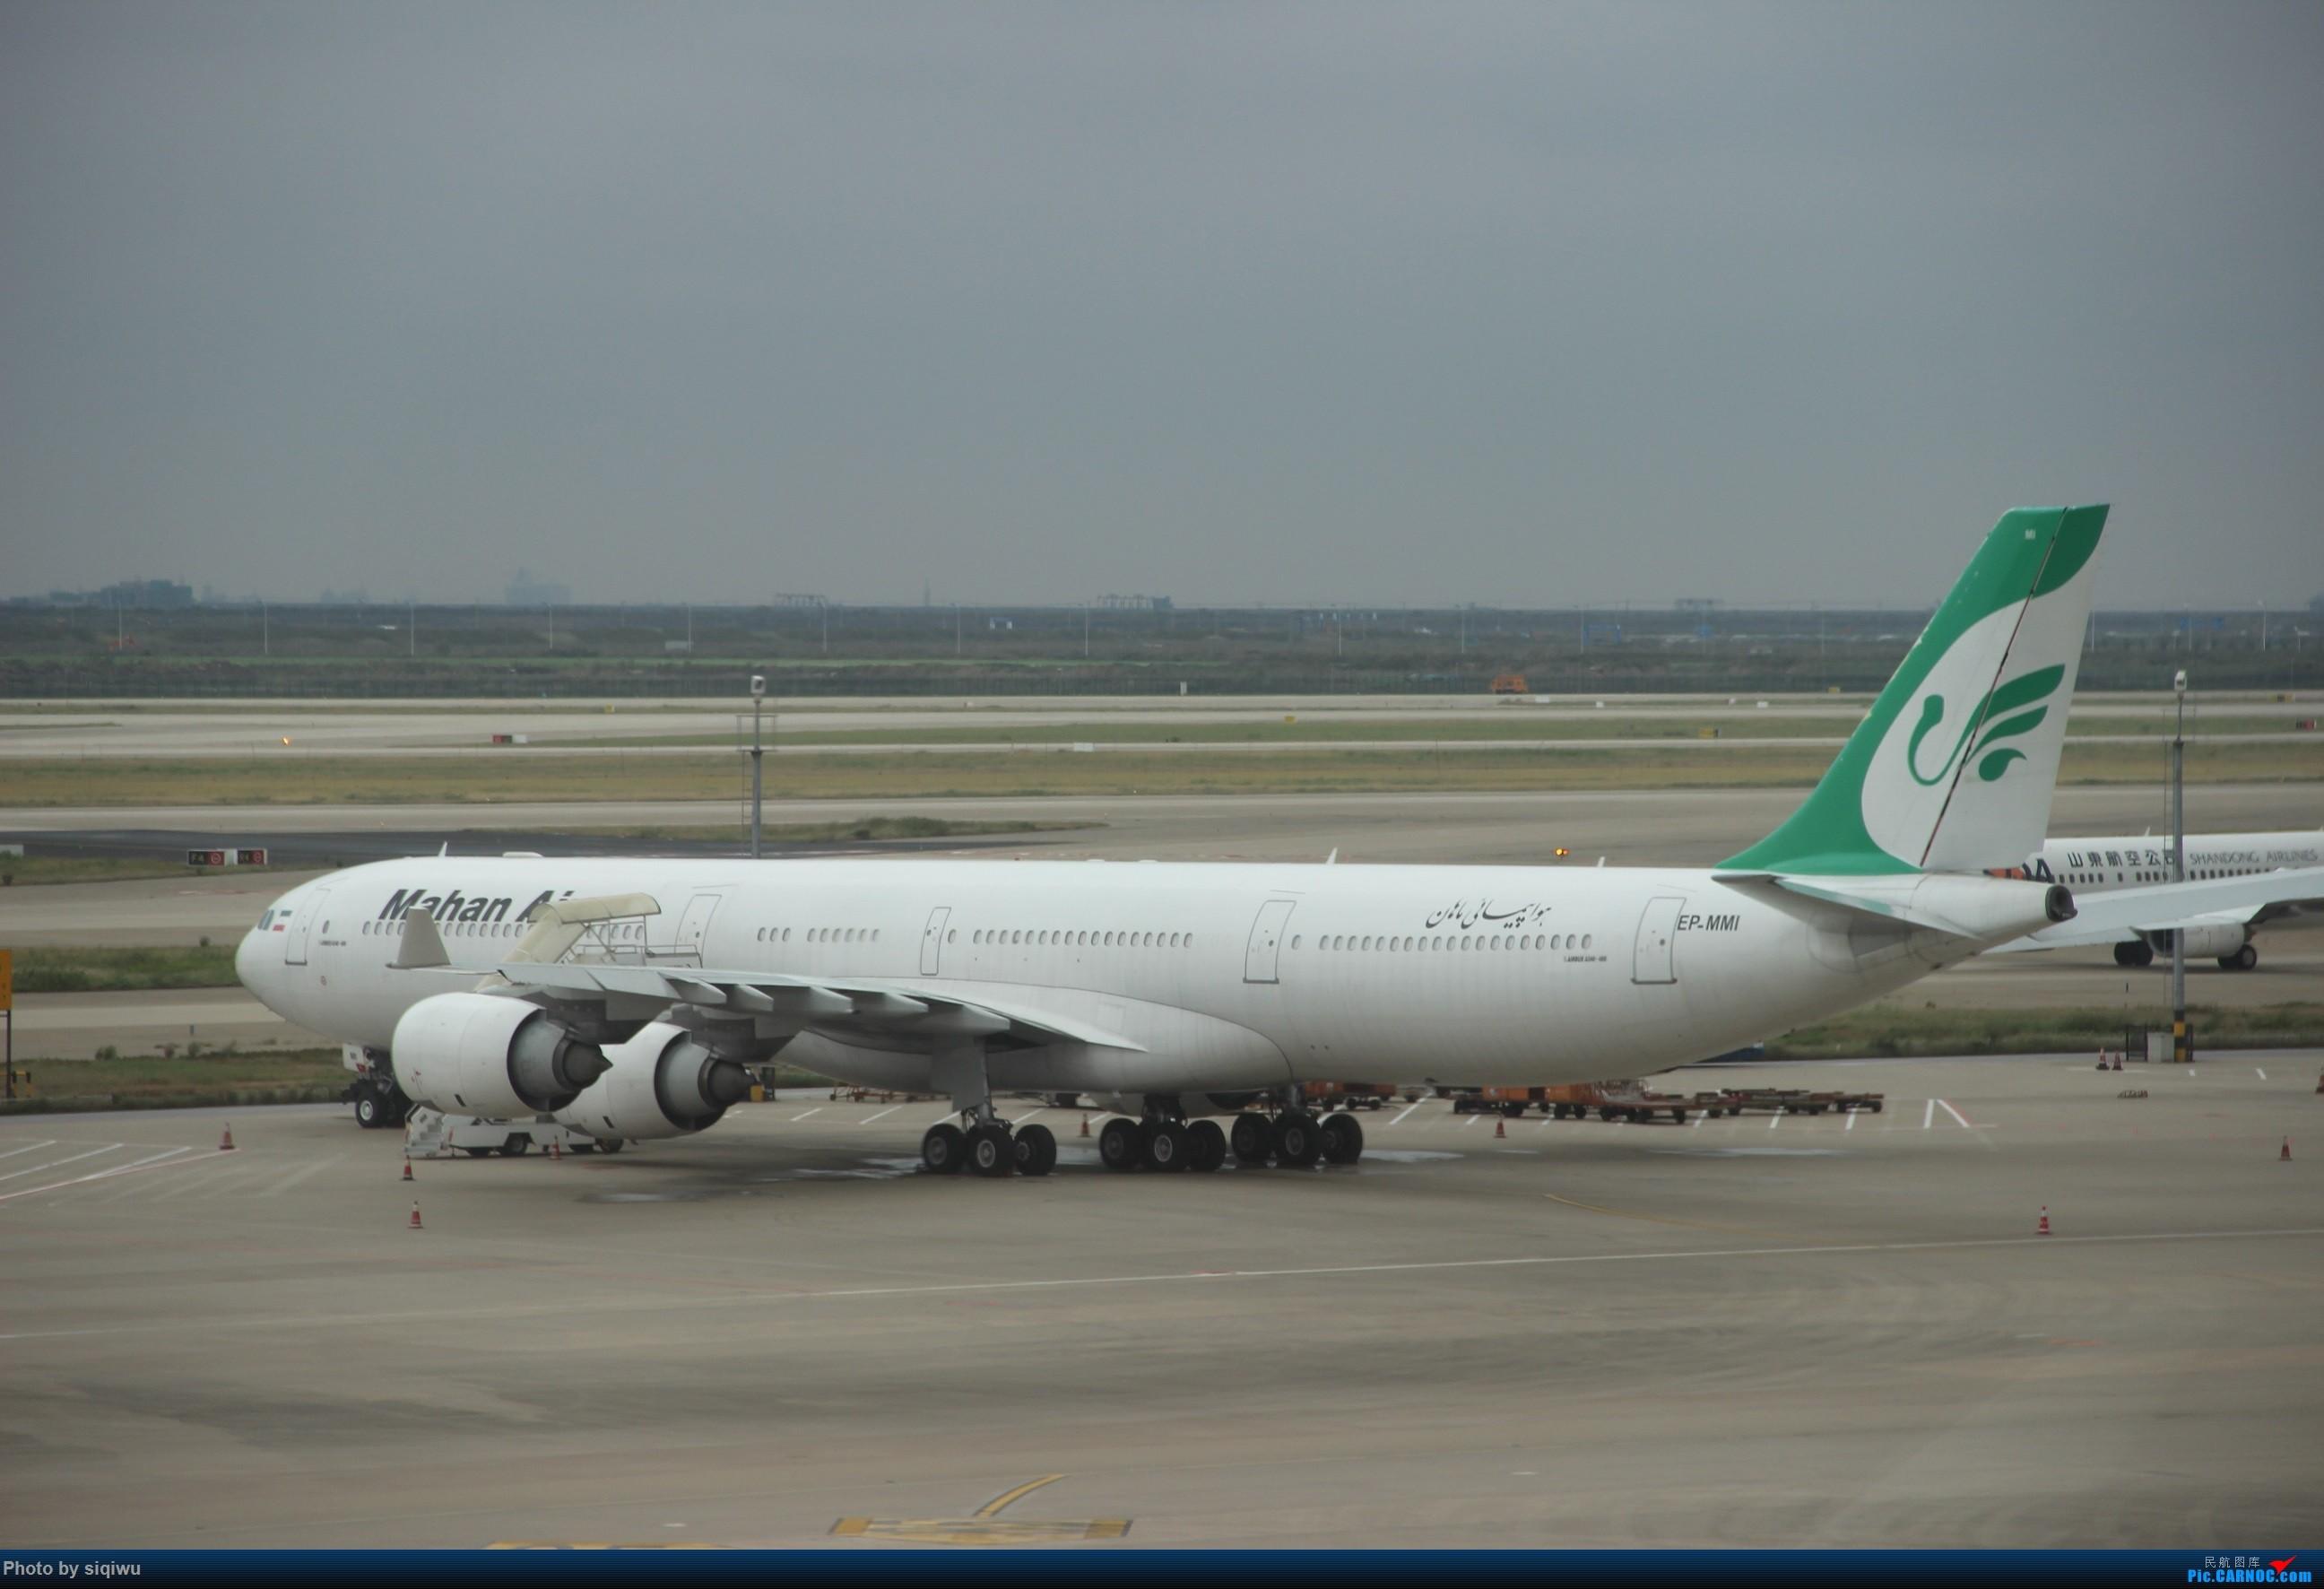 Re:[原创]PVG-HKG-KUL-HKG-PVG 四天往返,CX/KA AIRBUS A340-600  中国上海浦东国际机场